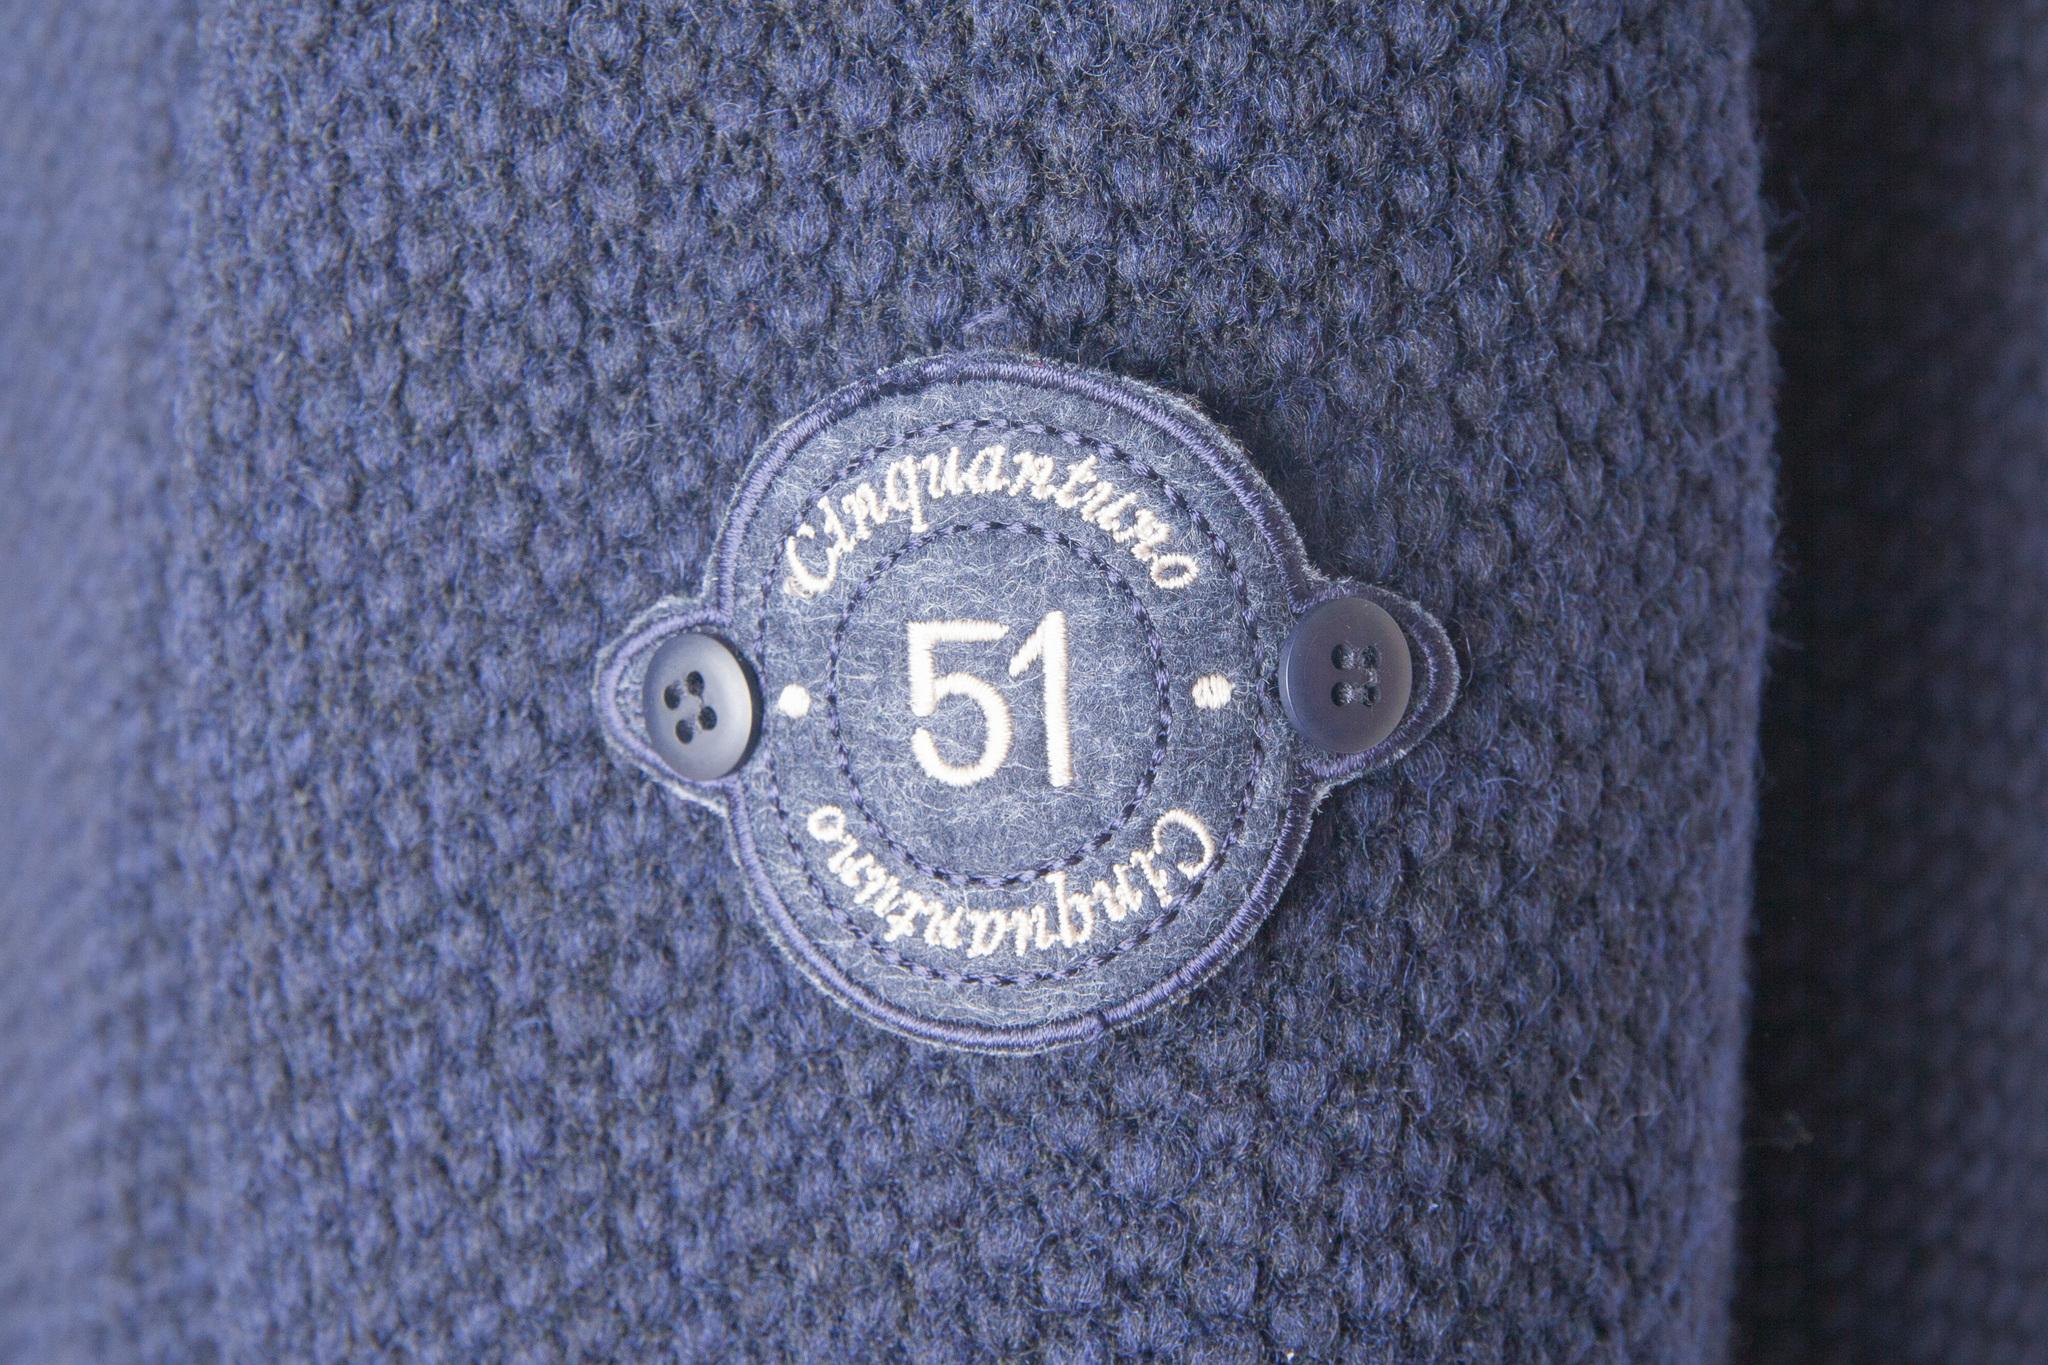 Двубортное тёмно-синее пальто из натуральной шерсти, логотип